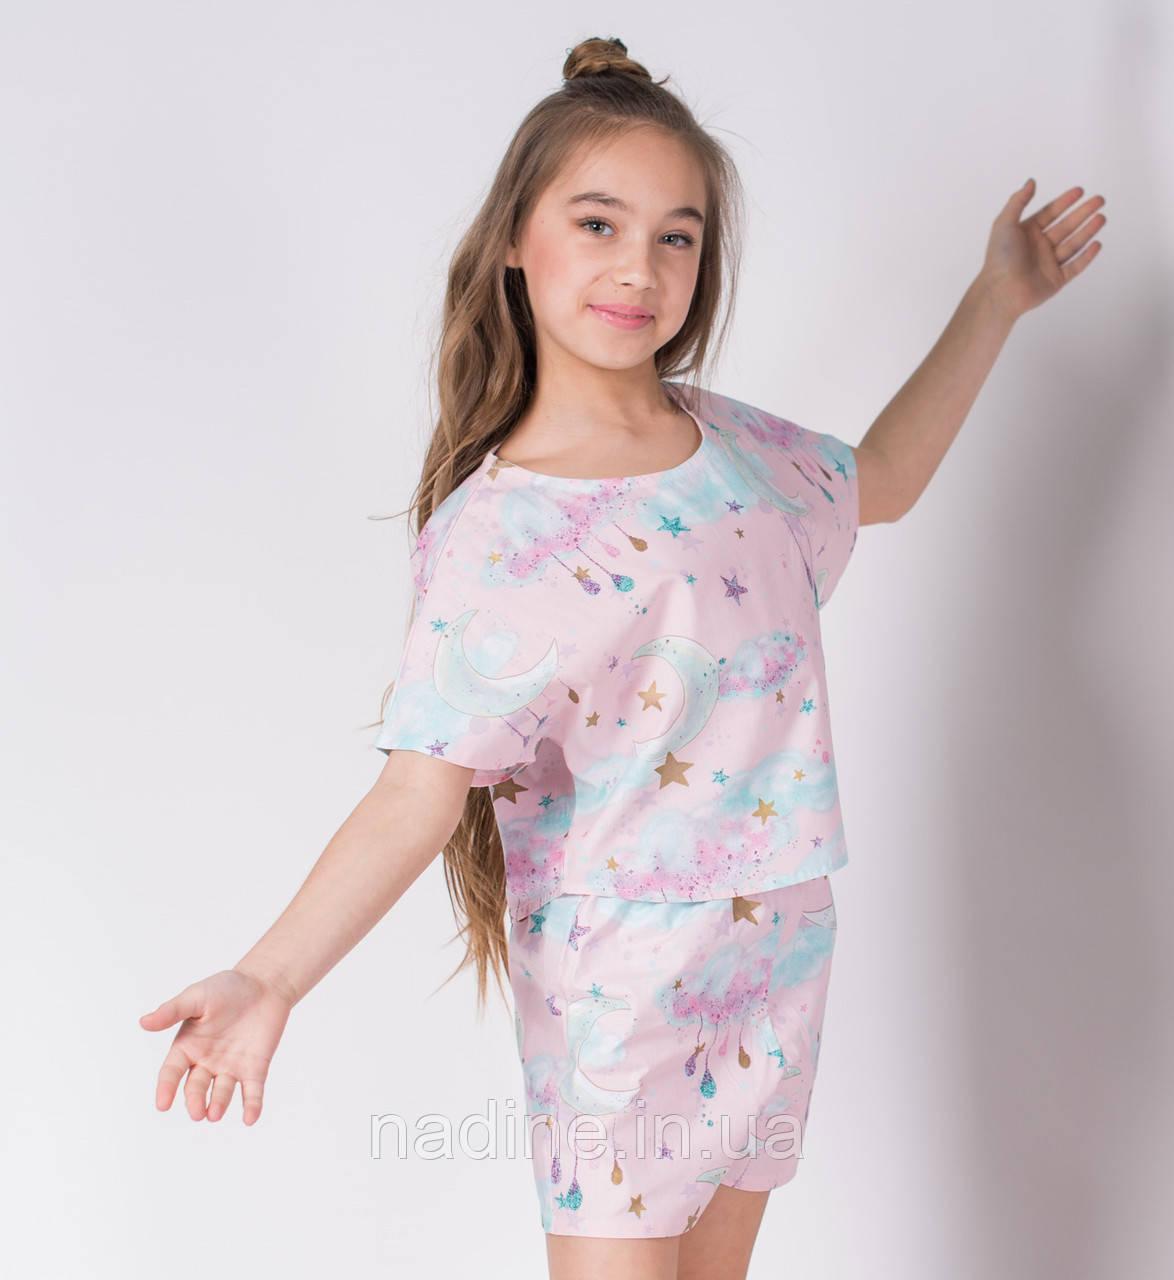 Подростковая пижама Eirena Nadine, Month 164/42 нежно розовая